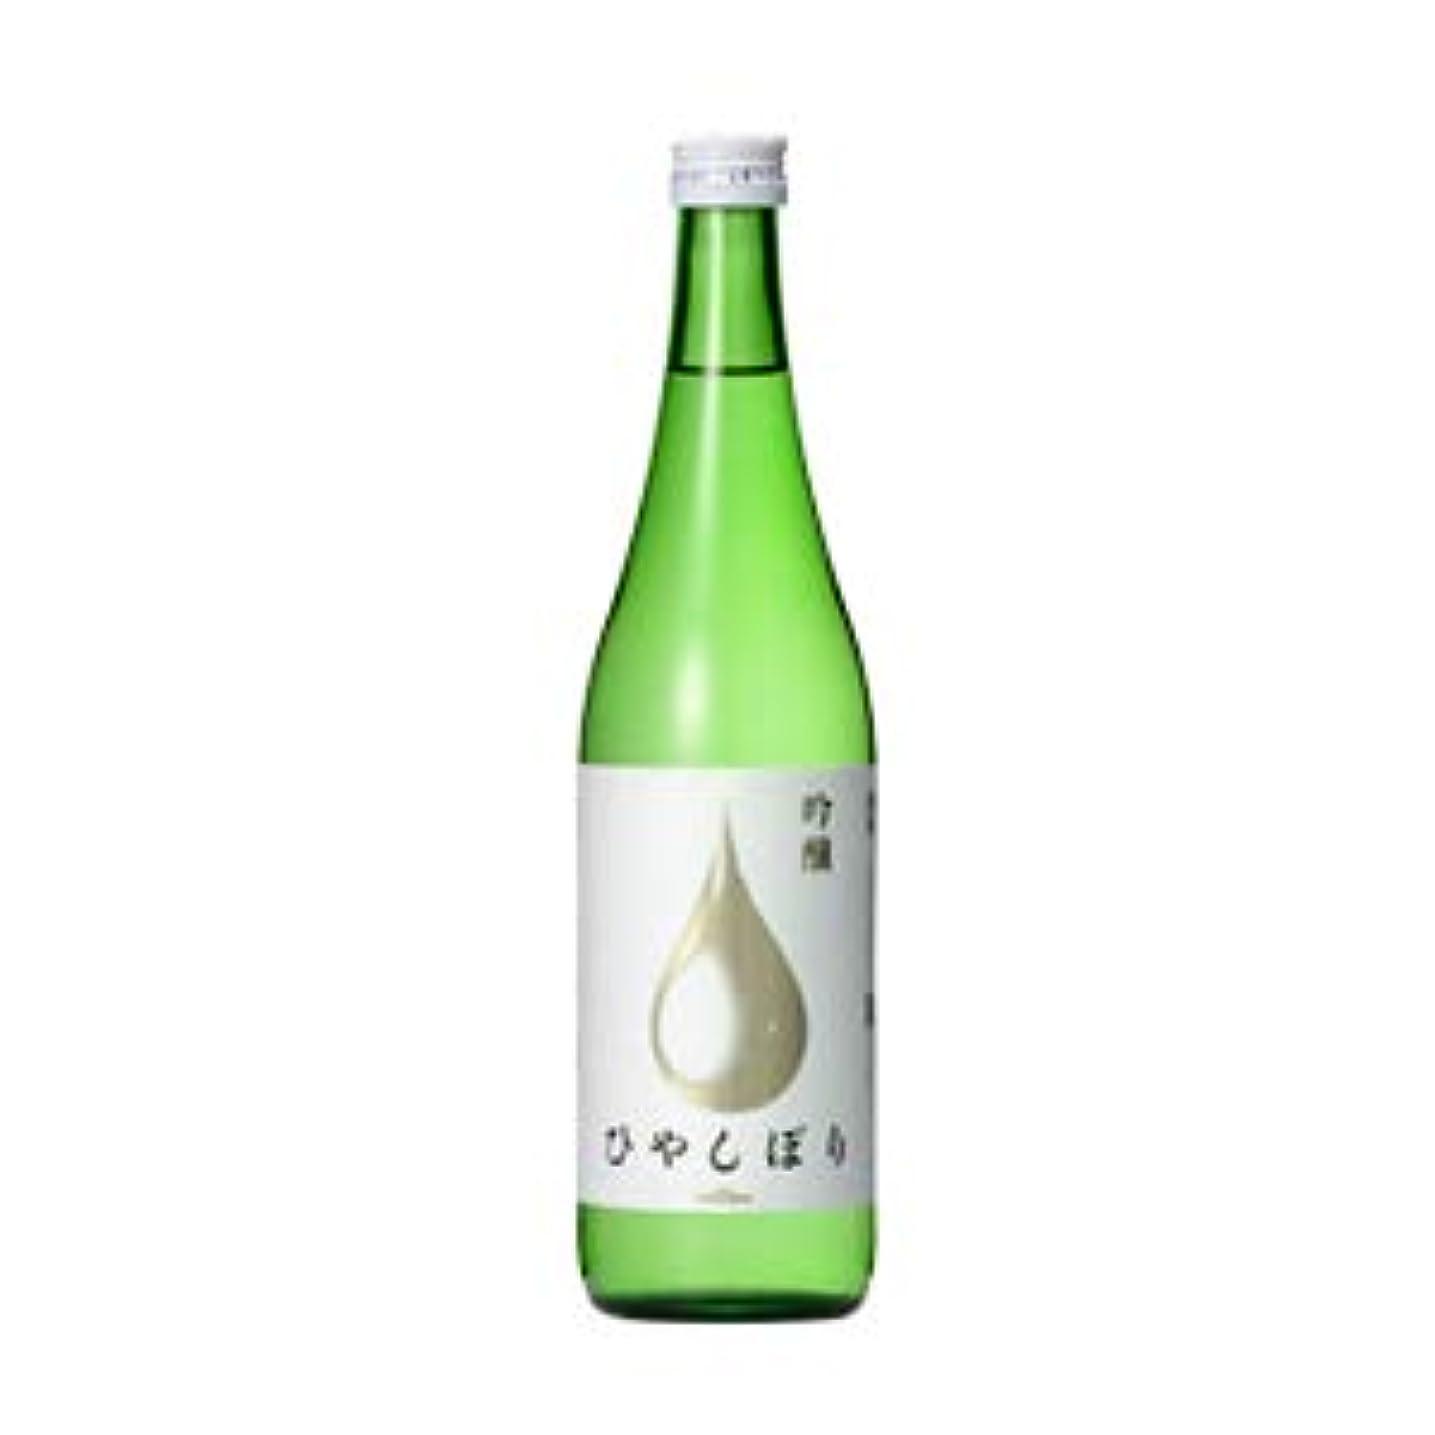 謎めいた不正確動物園日本酒 KONISHI 吟醸ひやしぼり 小西酒造 720ml 1本